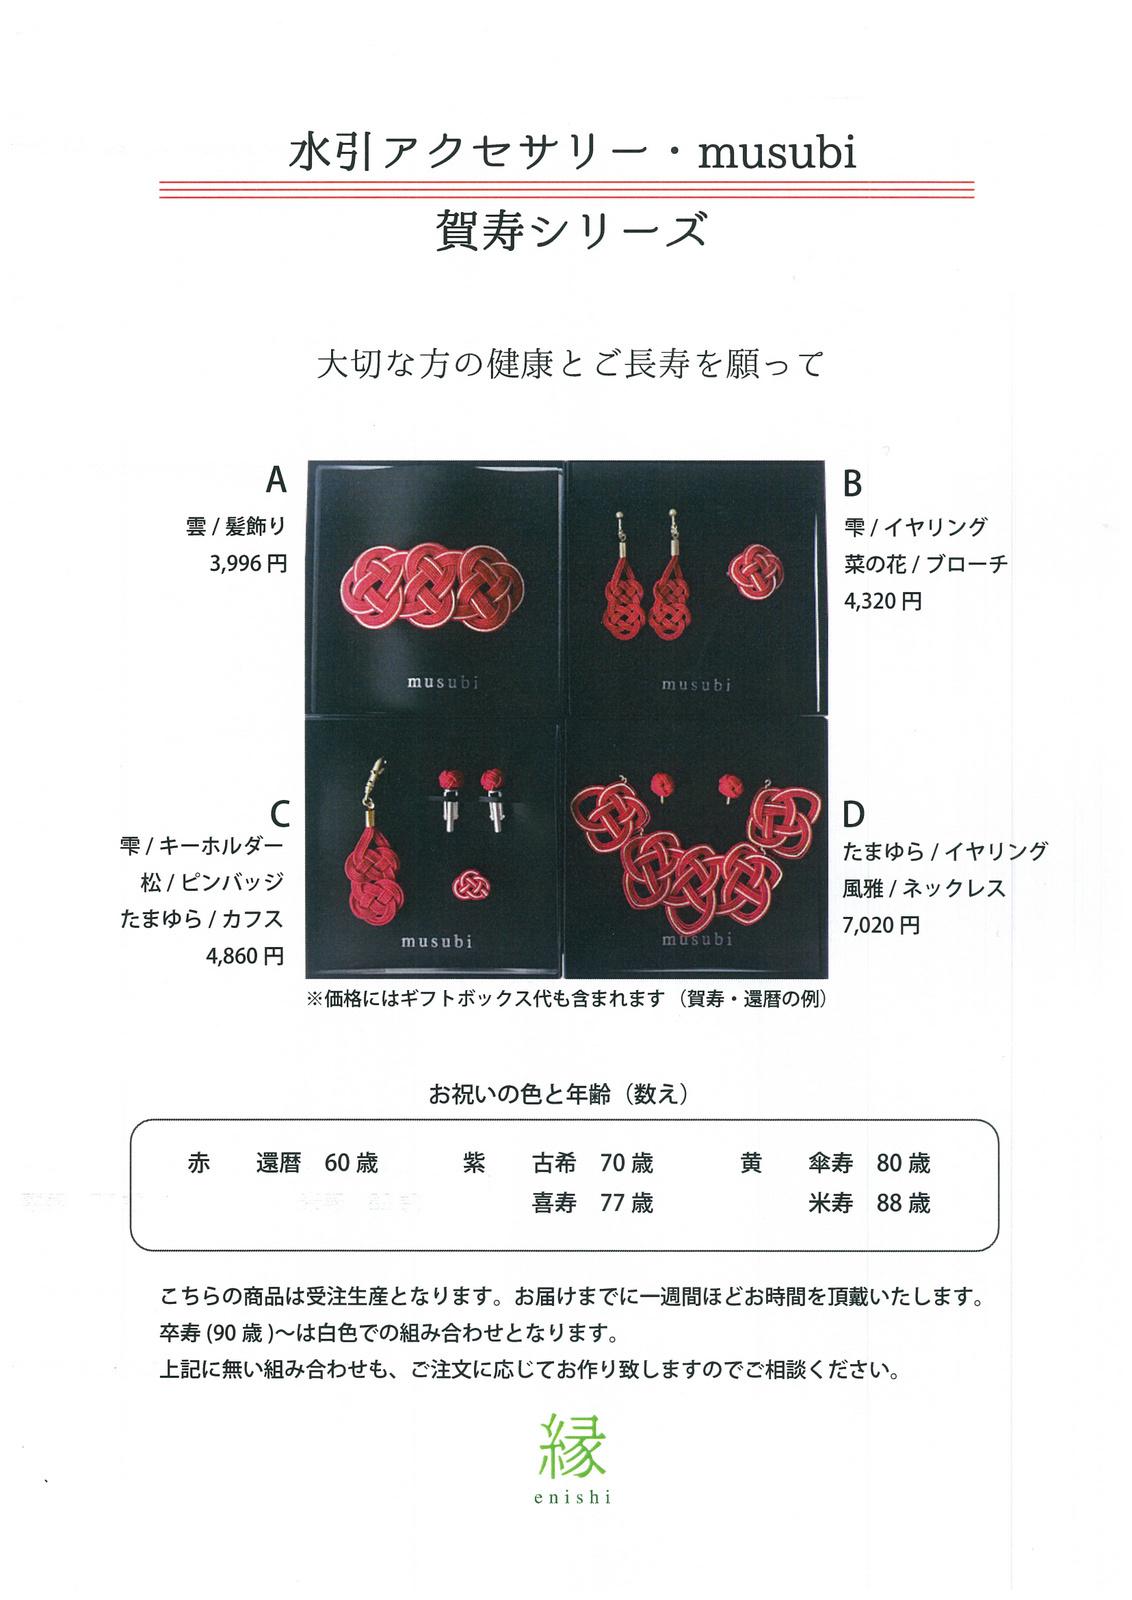 縁さんの新企画品「賀寿」。_e0046190_17223737.jpg